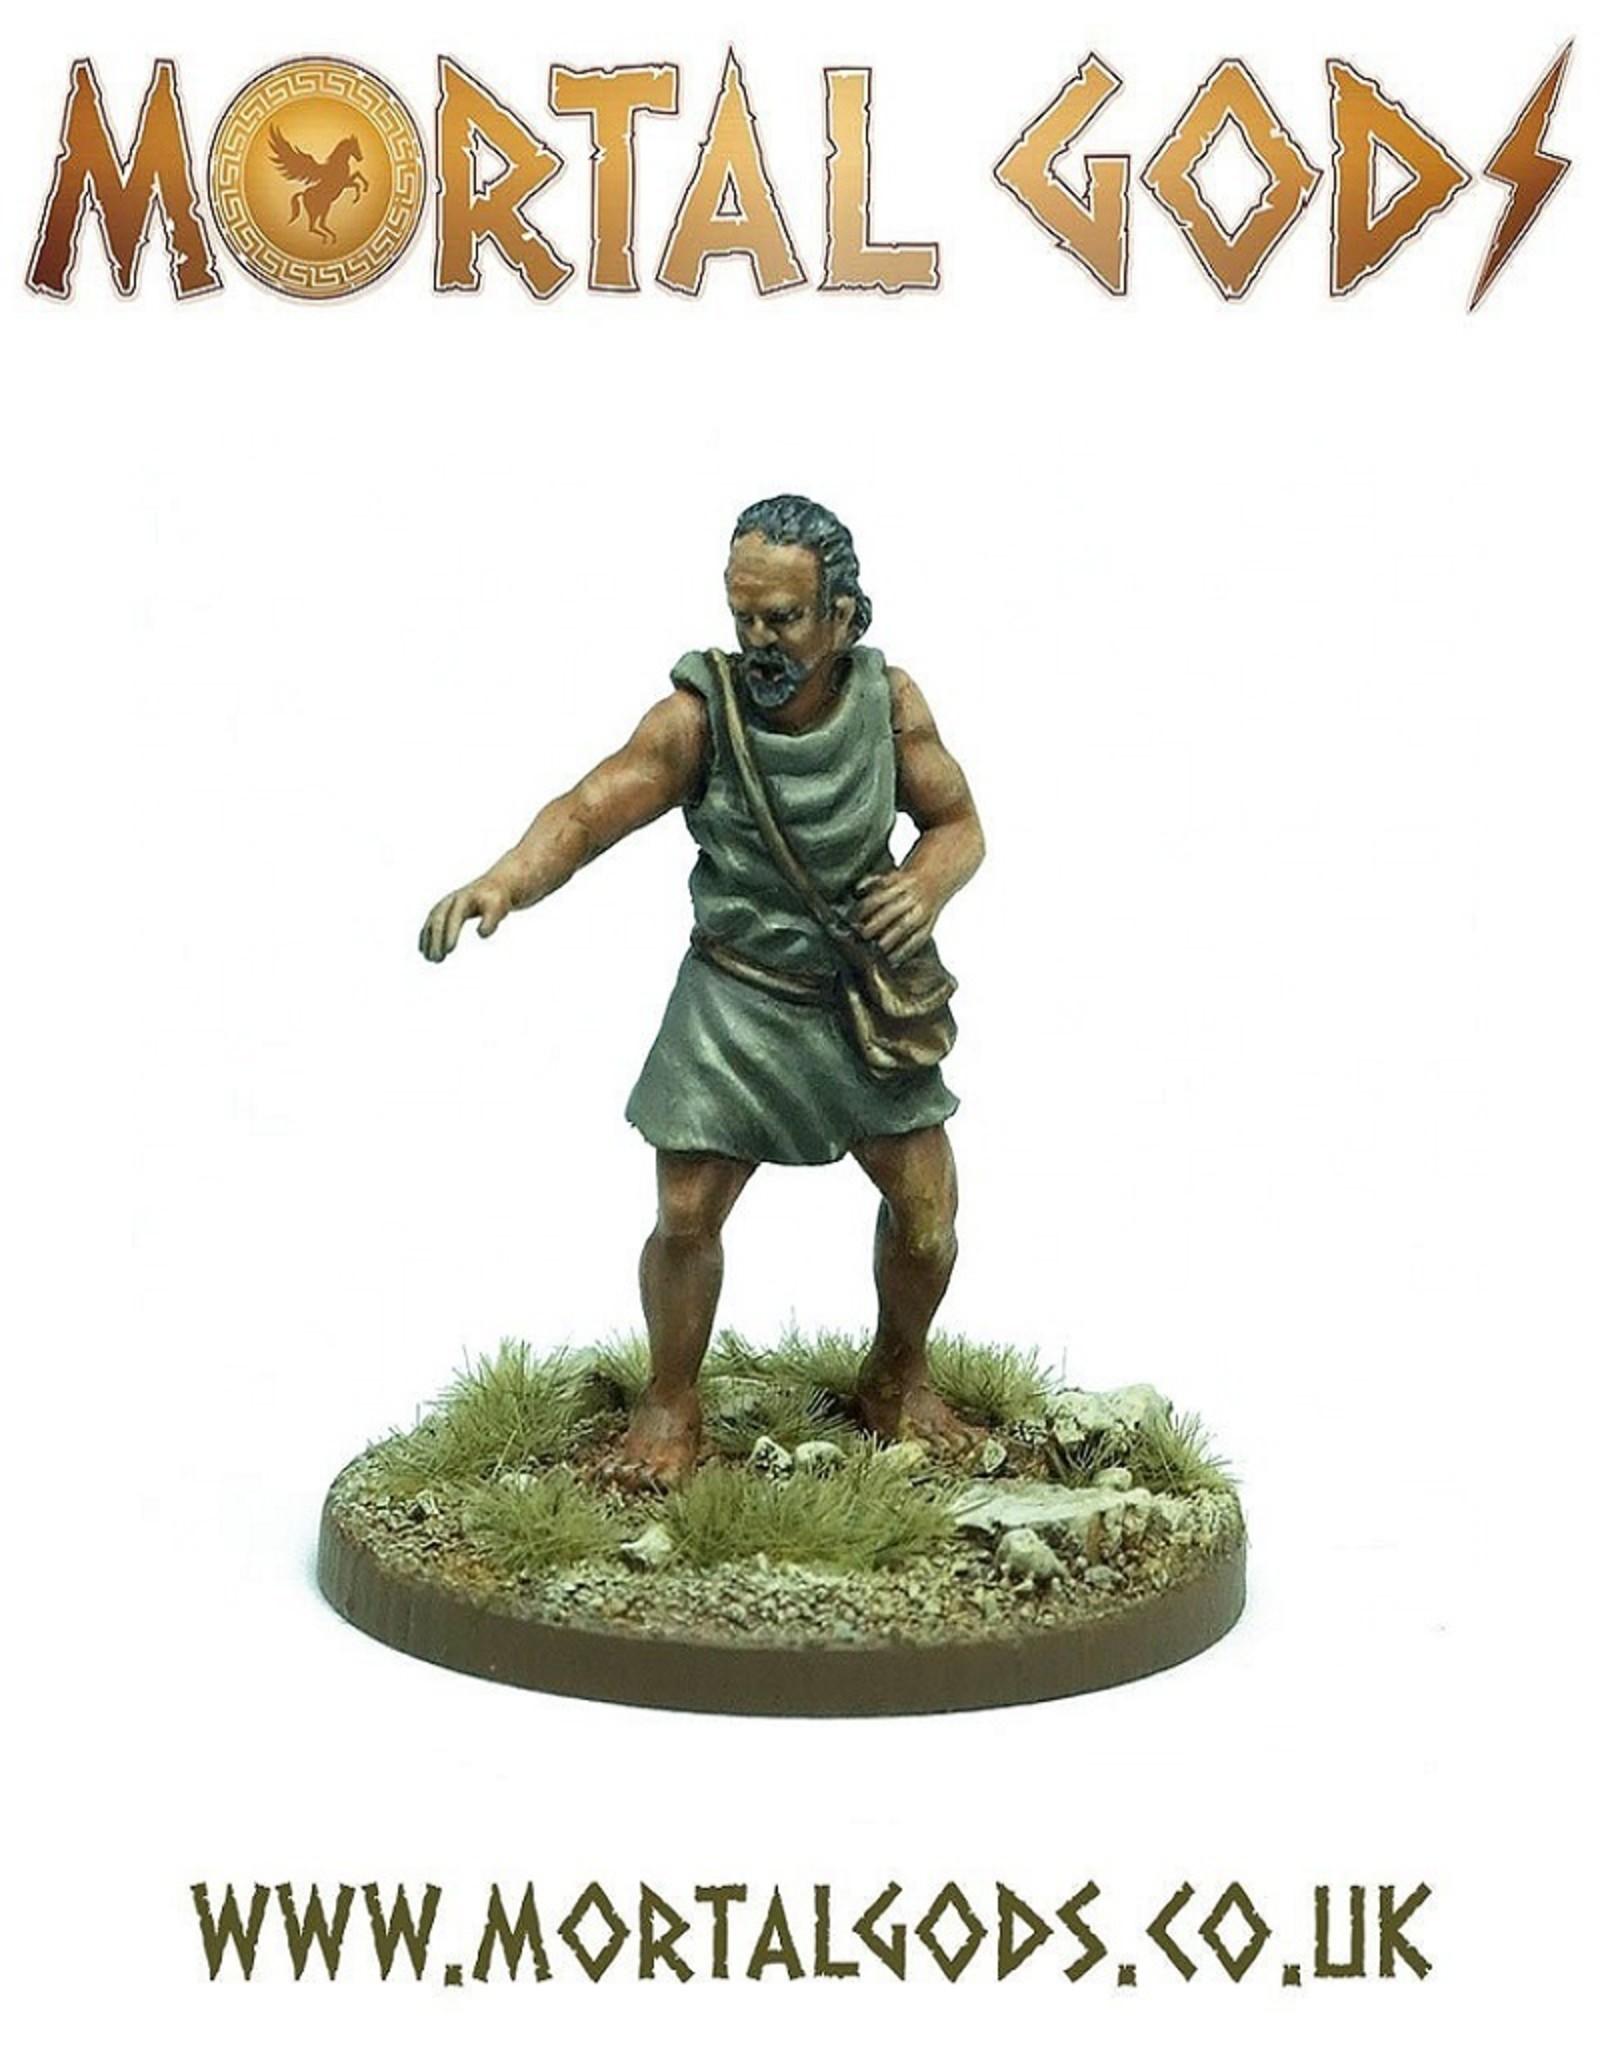 Footsore Mortal Gods - Healer (Iatros)